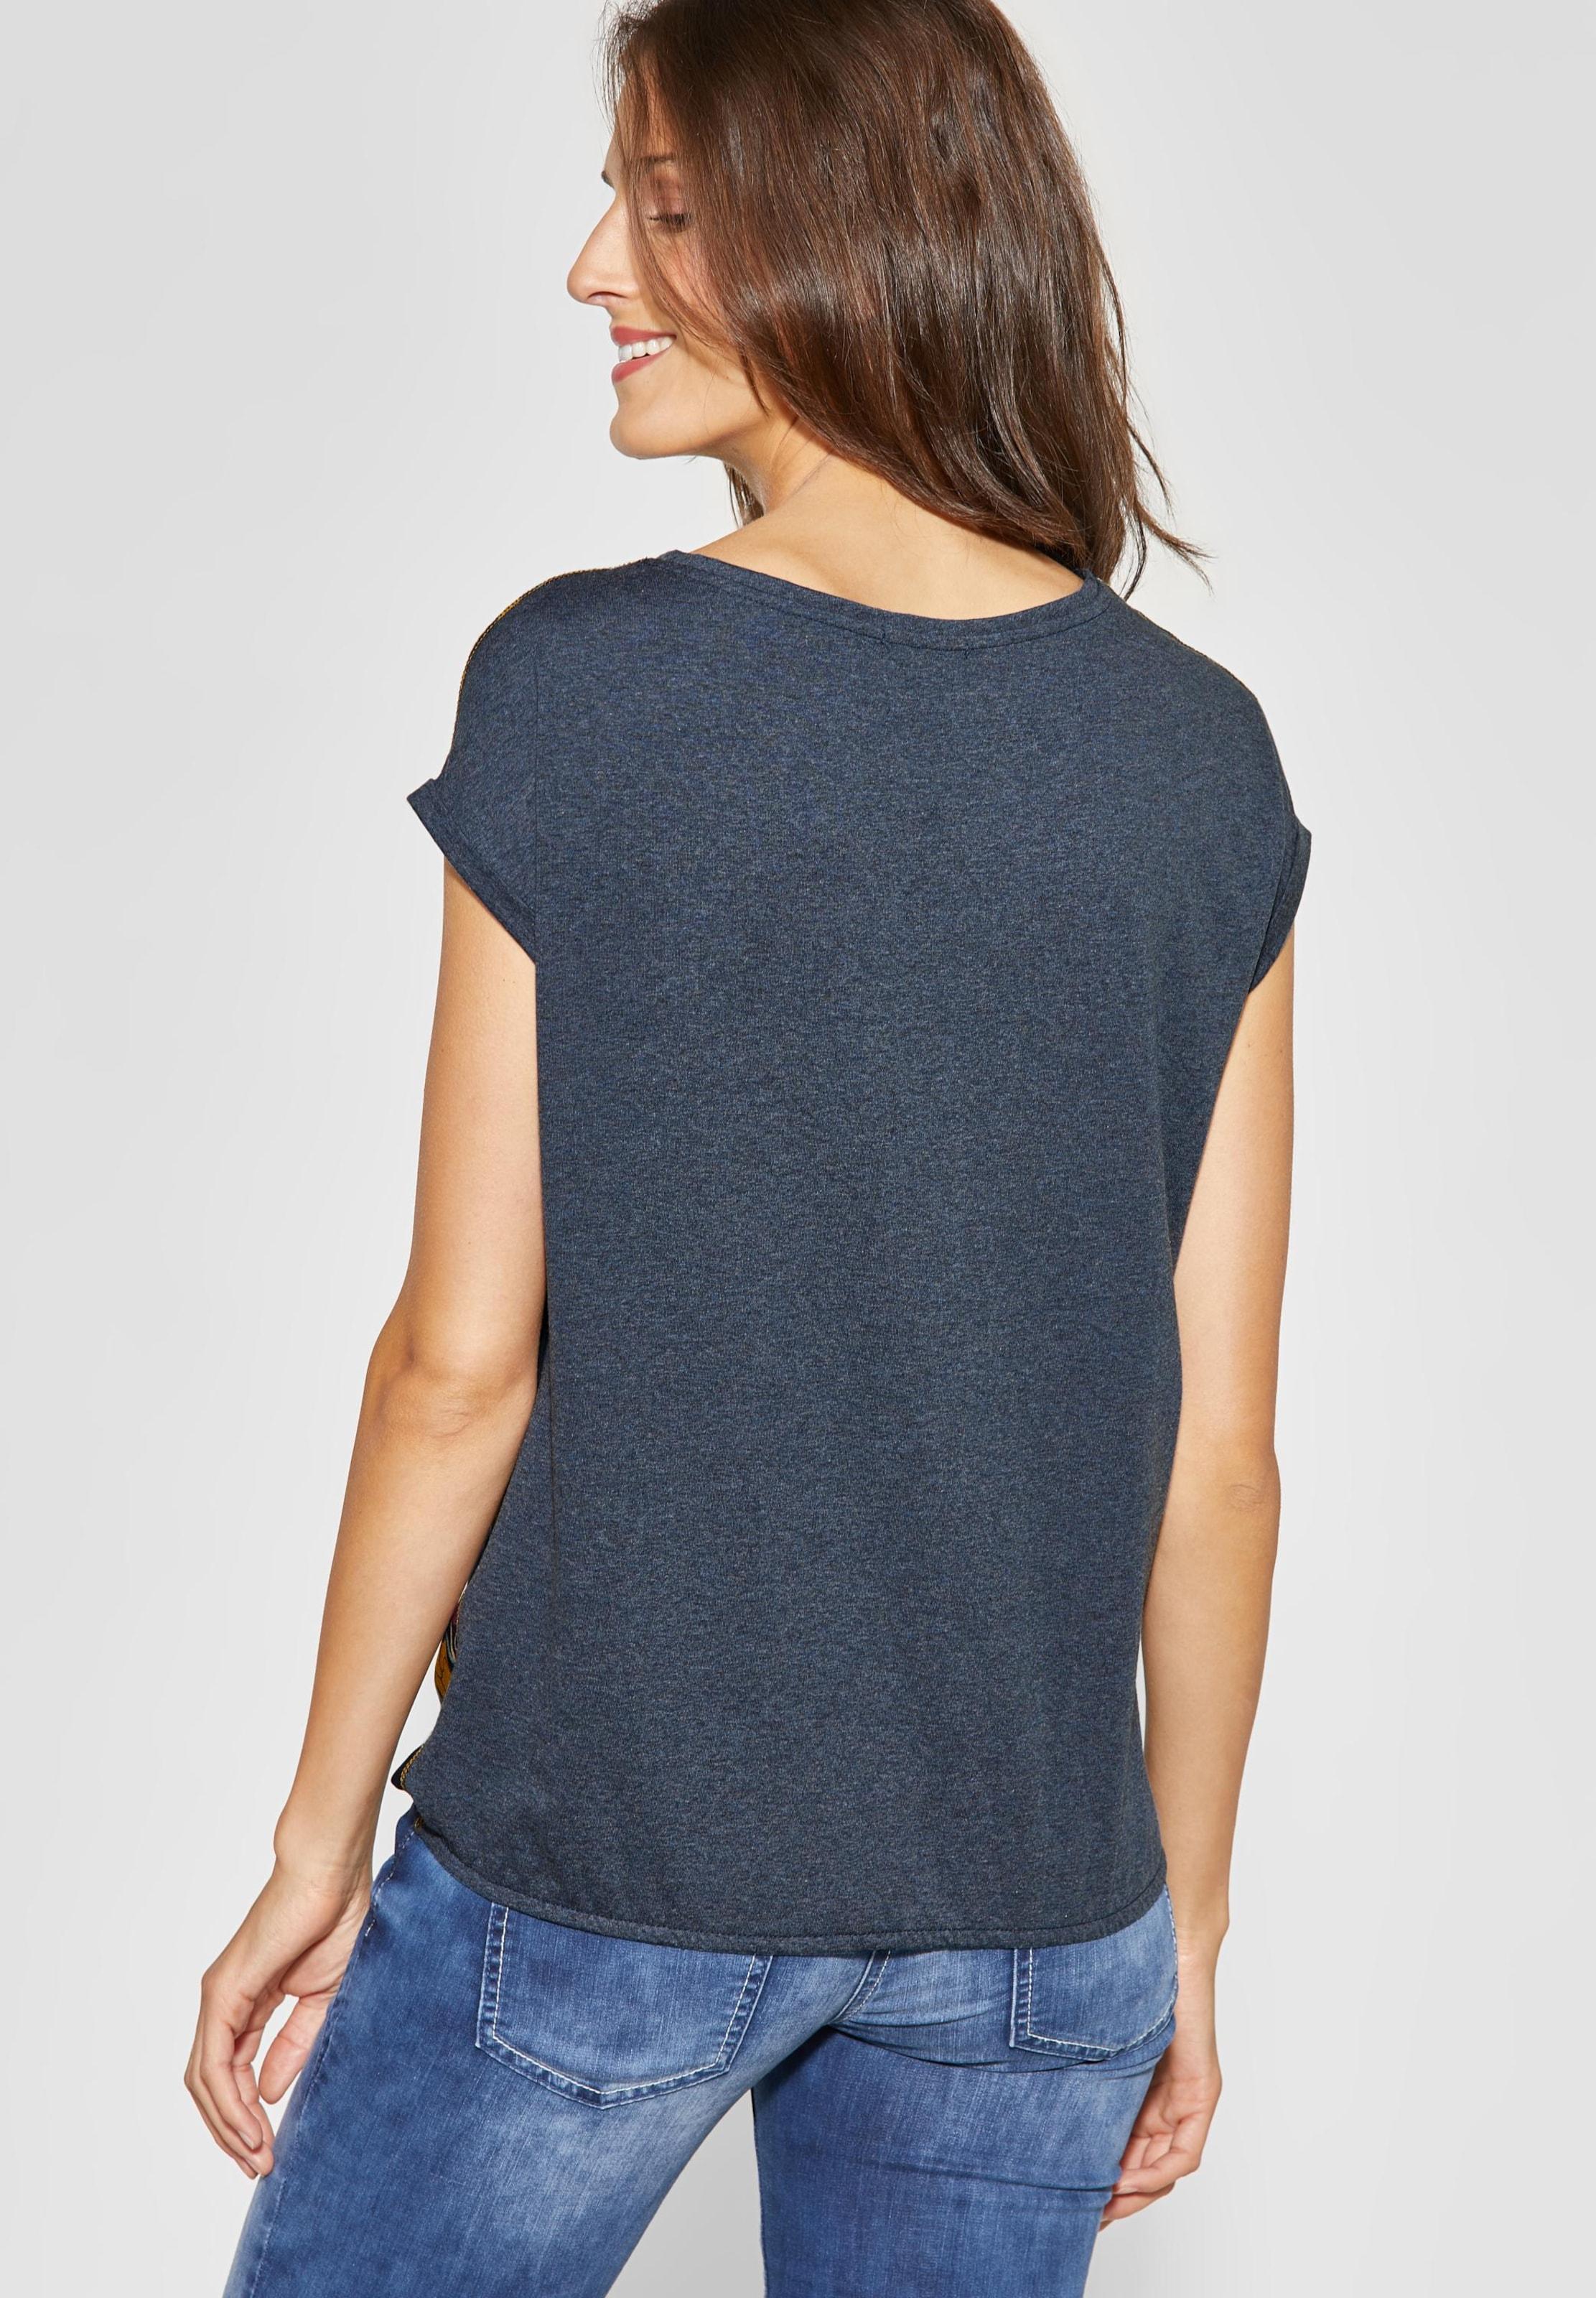 Shirt In In Cecil NachtblauMischfarben Cecil Shirt Cecil NachtblauMischfarben Shirt nOvN0wm8